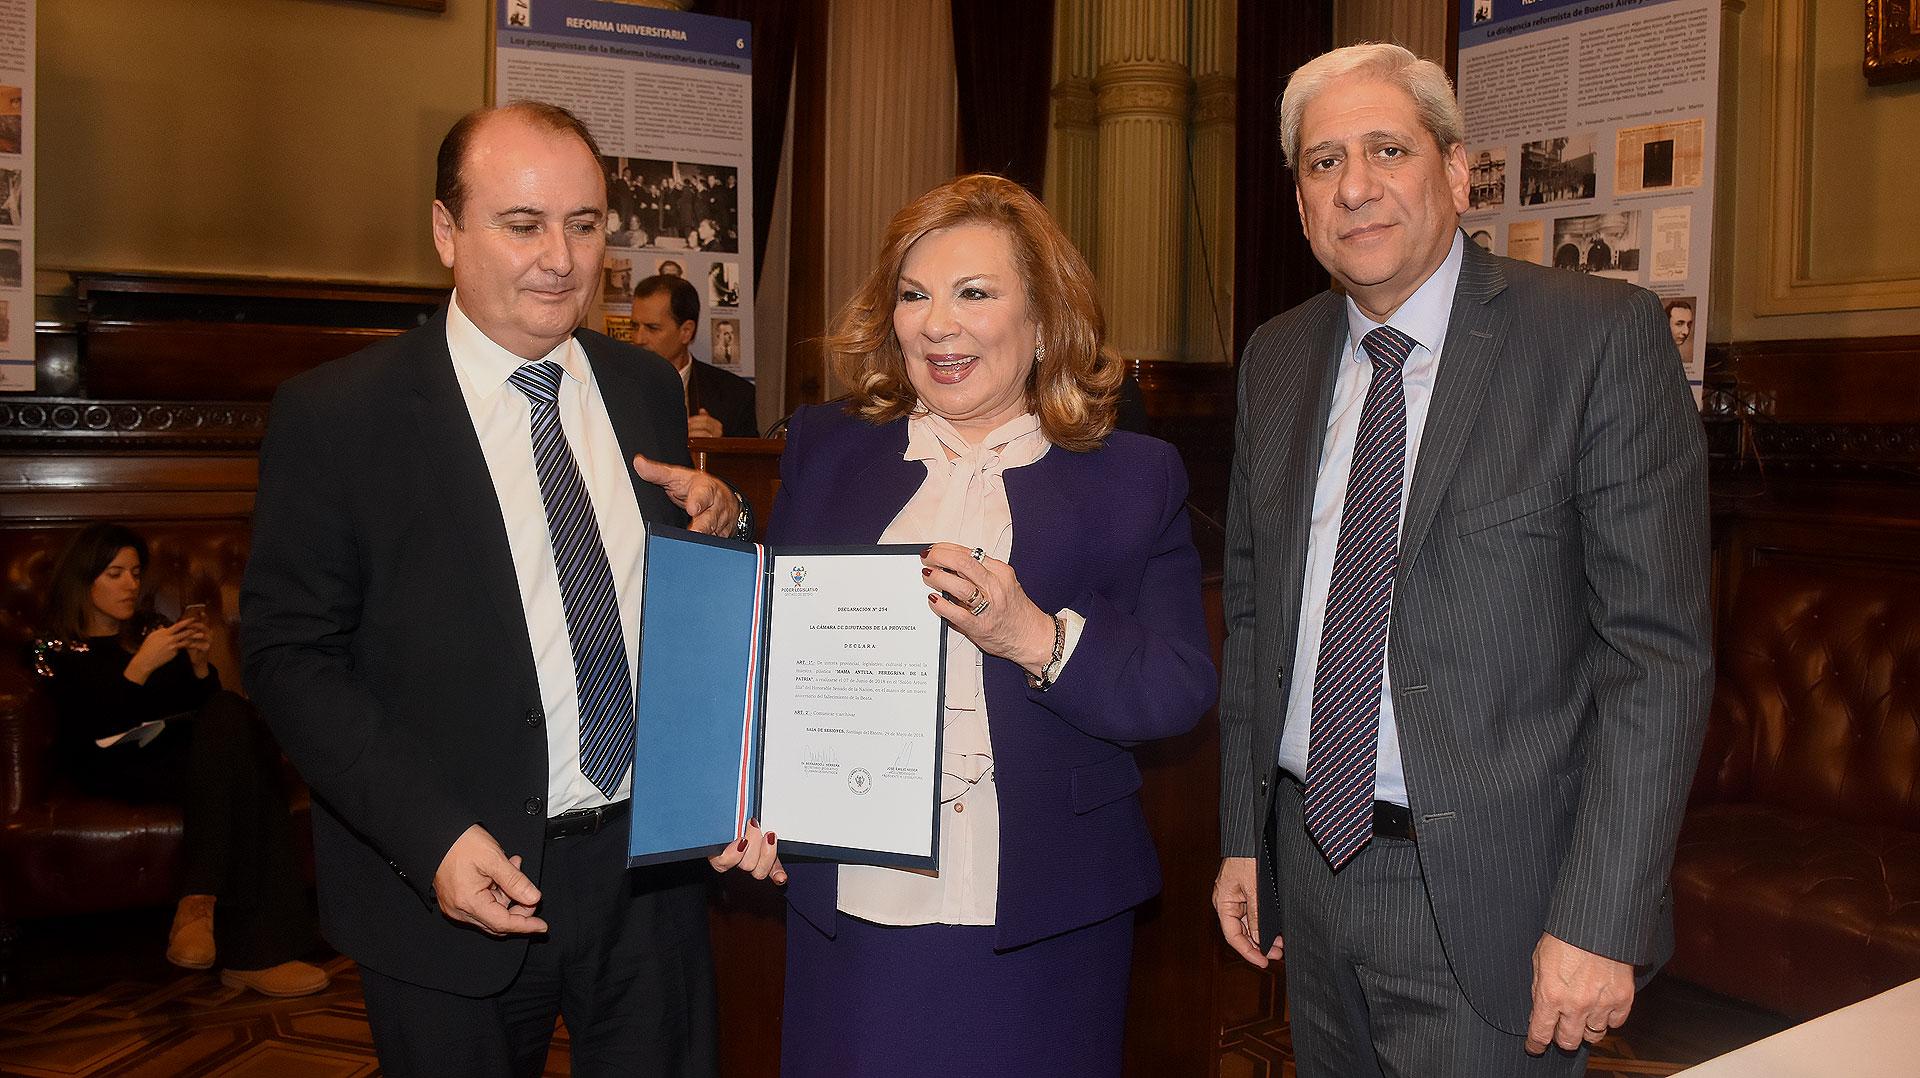 El senador Gerardo Montenegro junto a la senadora Ada Itúrrez de Cappellini y el vice gobernador provincial José Emilio Neder